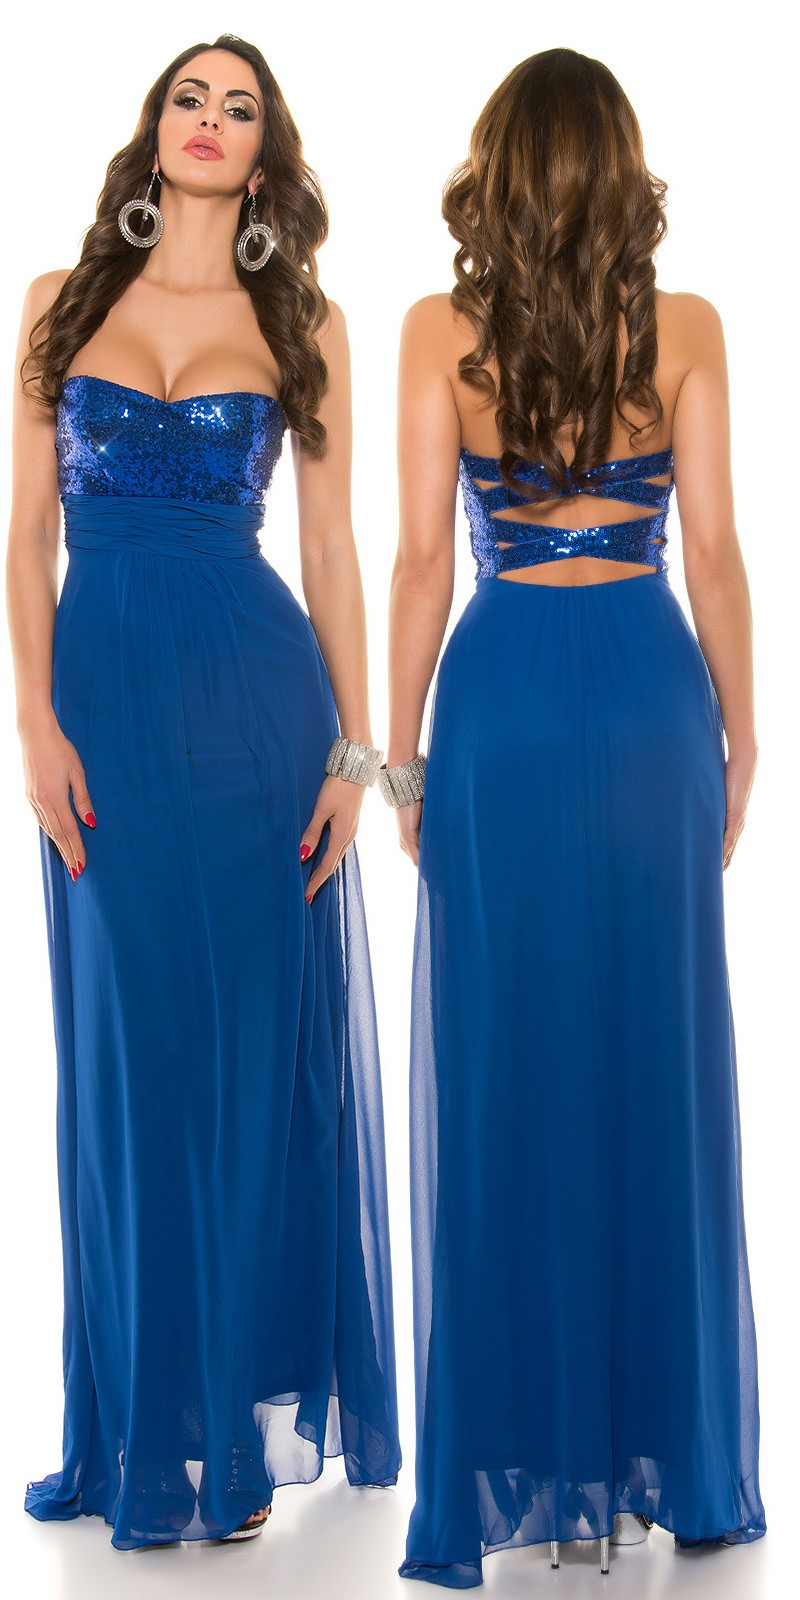 Večerní společenské plesové šaty Koucla modré